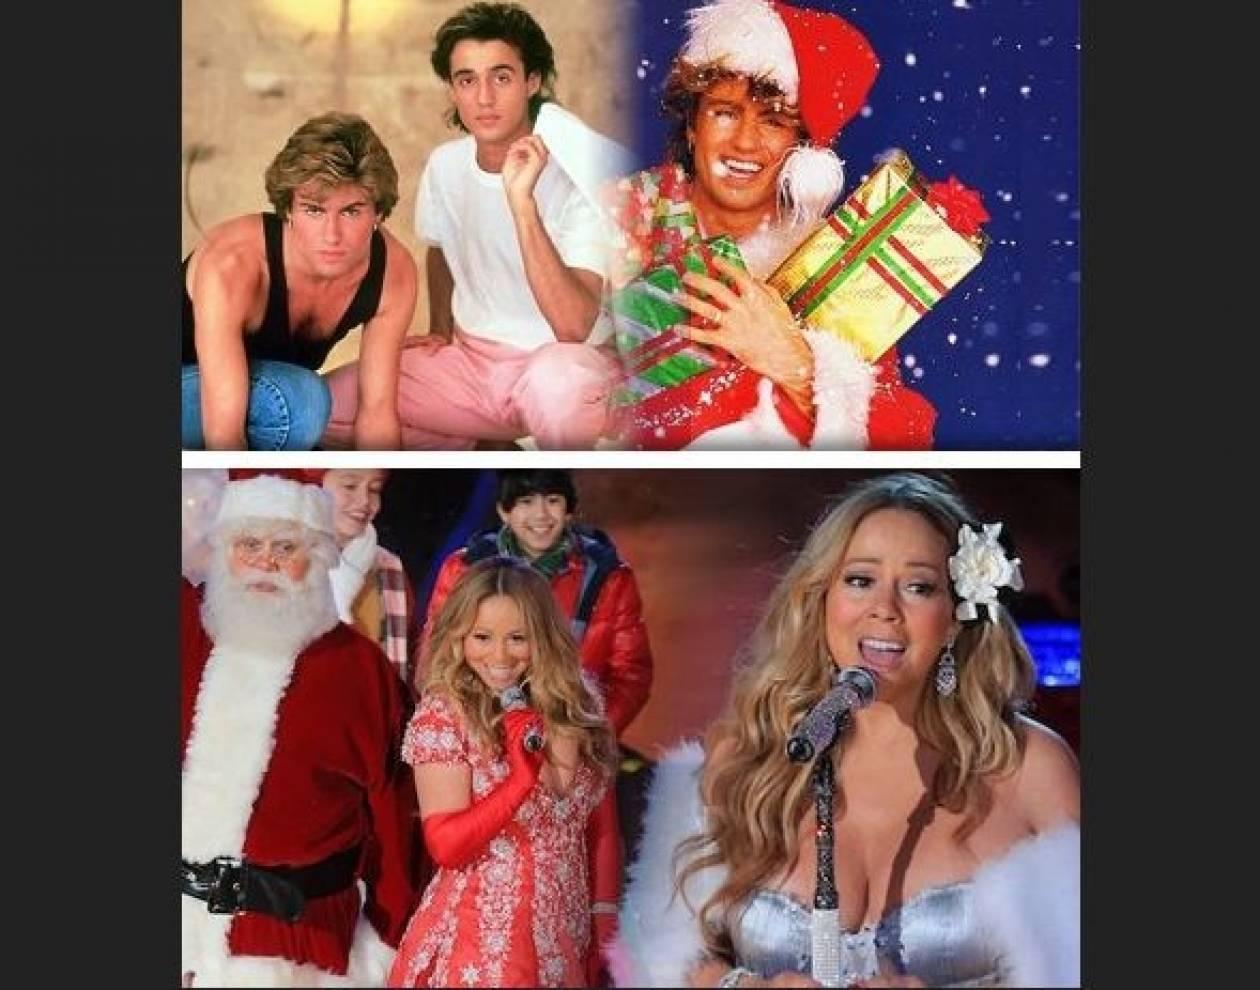 Χριστουγεννιάτικη μονομαχία: Ποιο είναι απόλυτο τραγούδι των γιορτών;